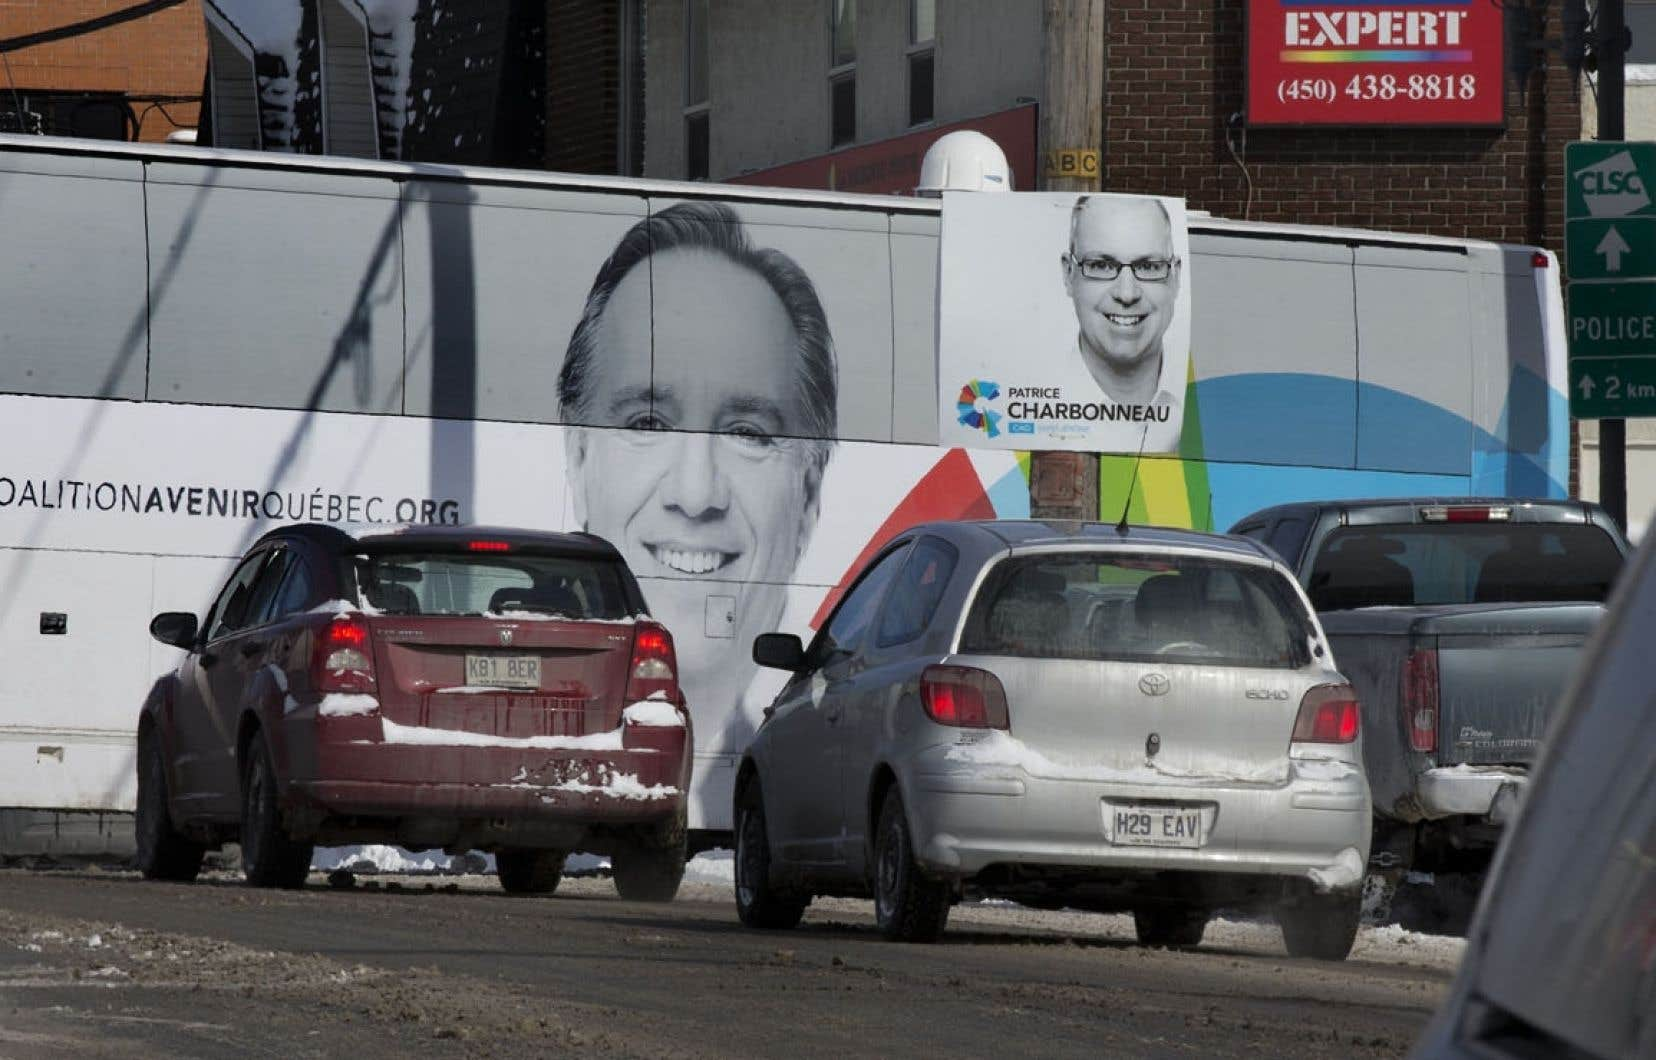 À quatre jours du scrutin, les chefs en campagne bataillent dur. Sur la photo, l'autobus de la CAQ à Saint-Jérôme. Le chef caquiste compte sur sa performance au dernier débat des chefs pour récolter les appuis.